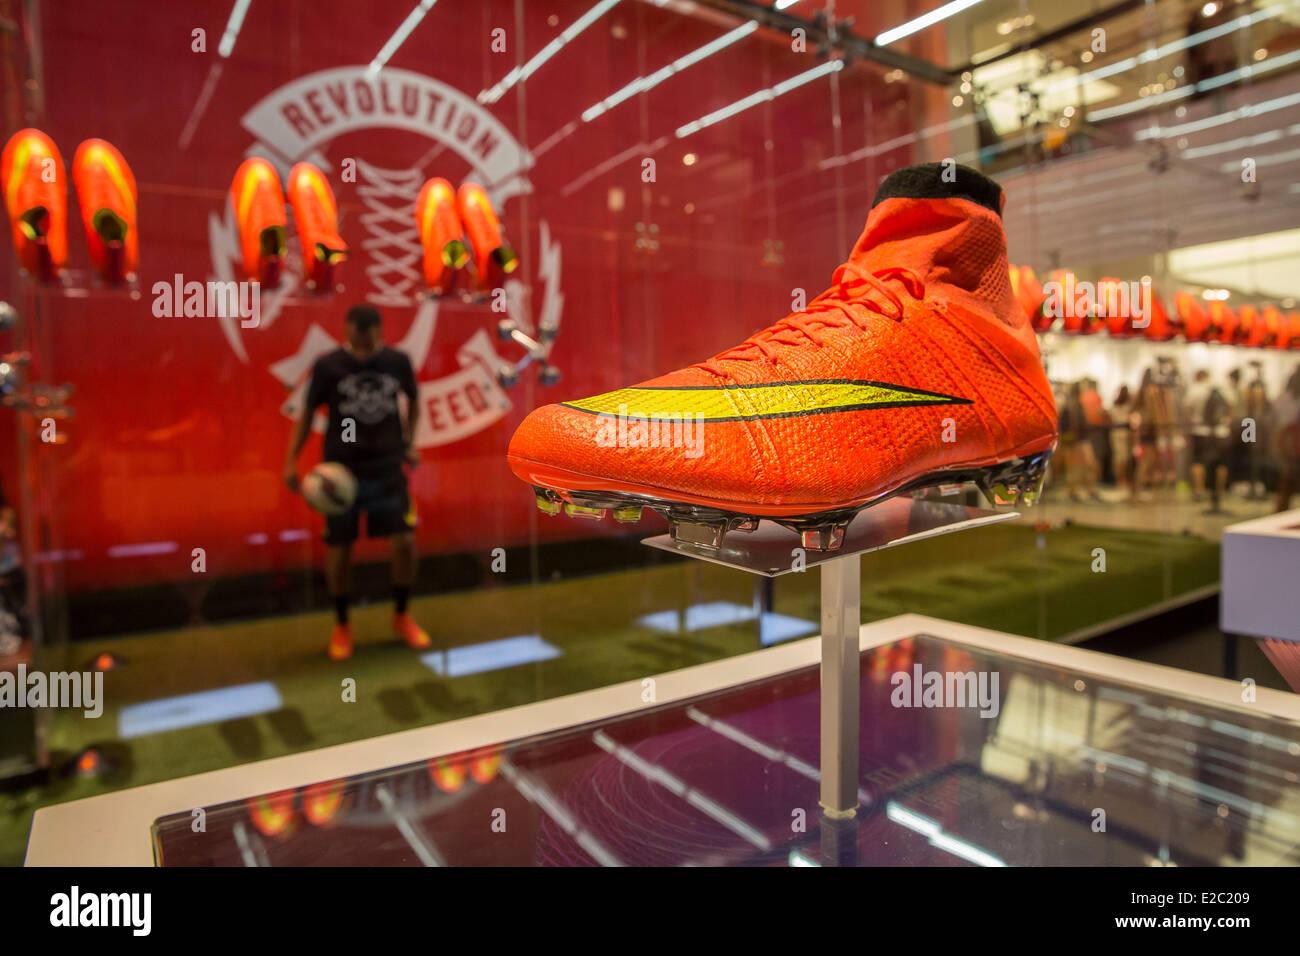 Nike Football Boots Imágenes De Stock   Nike Football Boots Fotos De ... 7f228c1567669